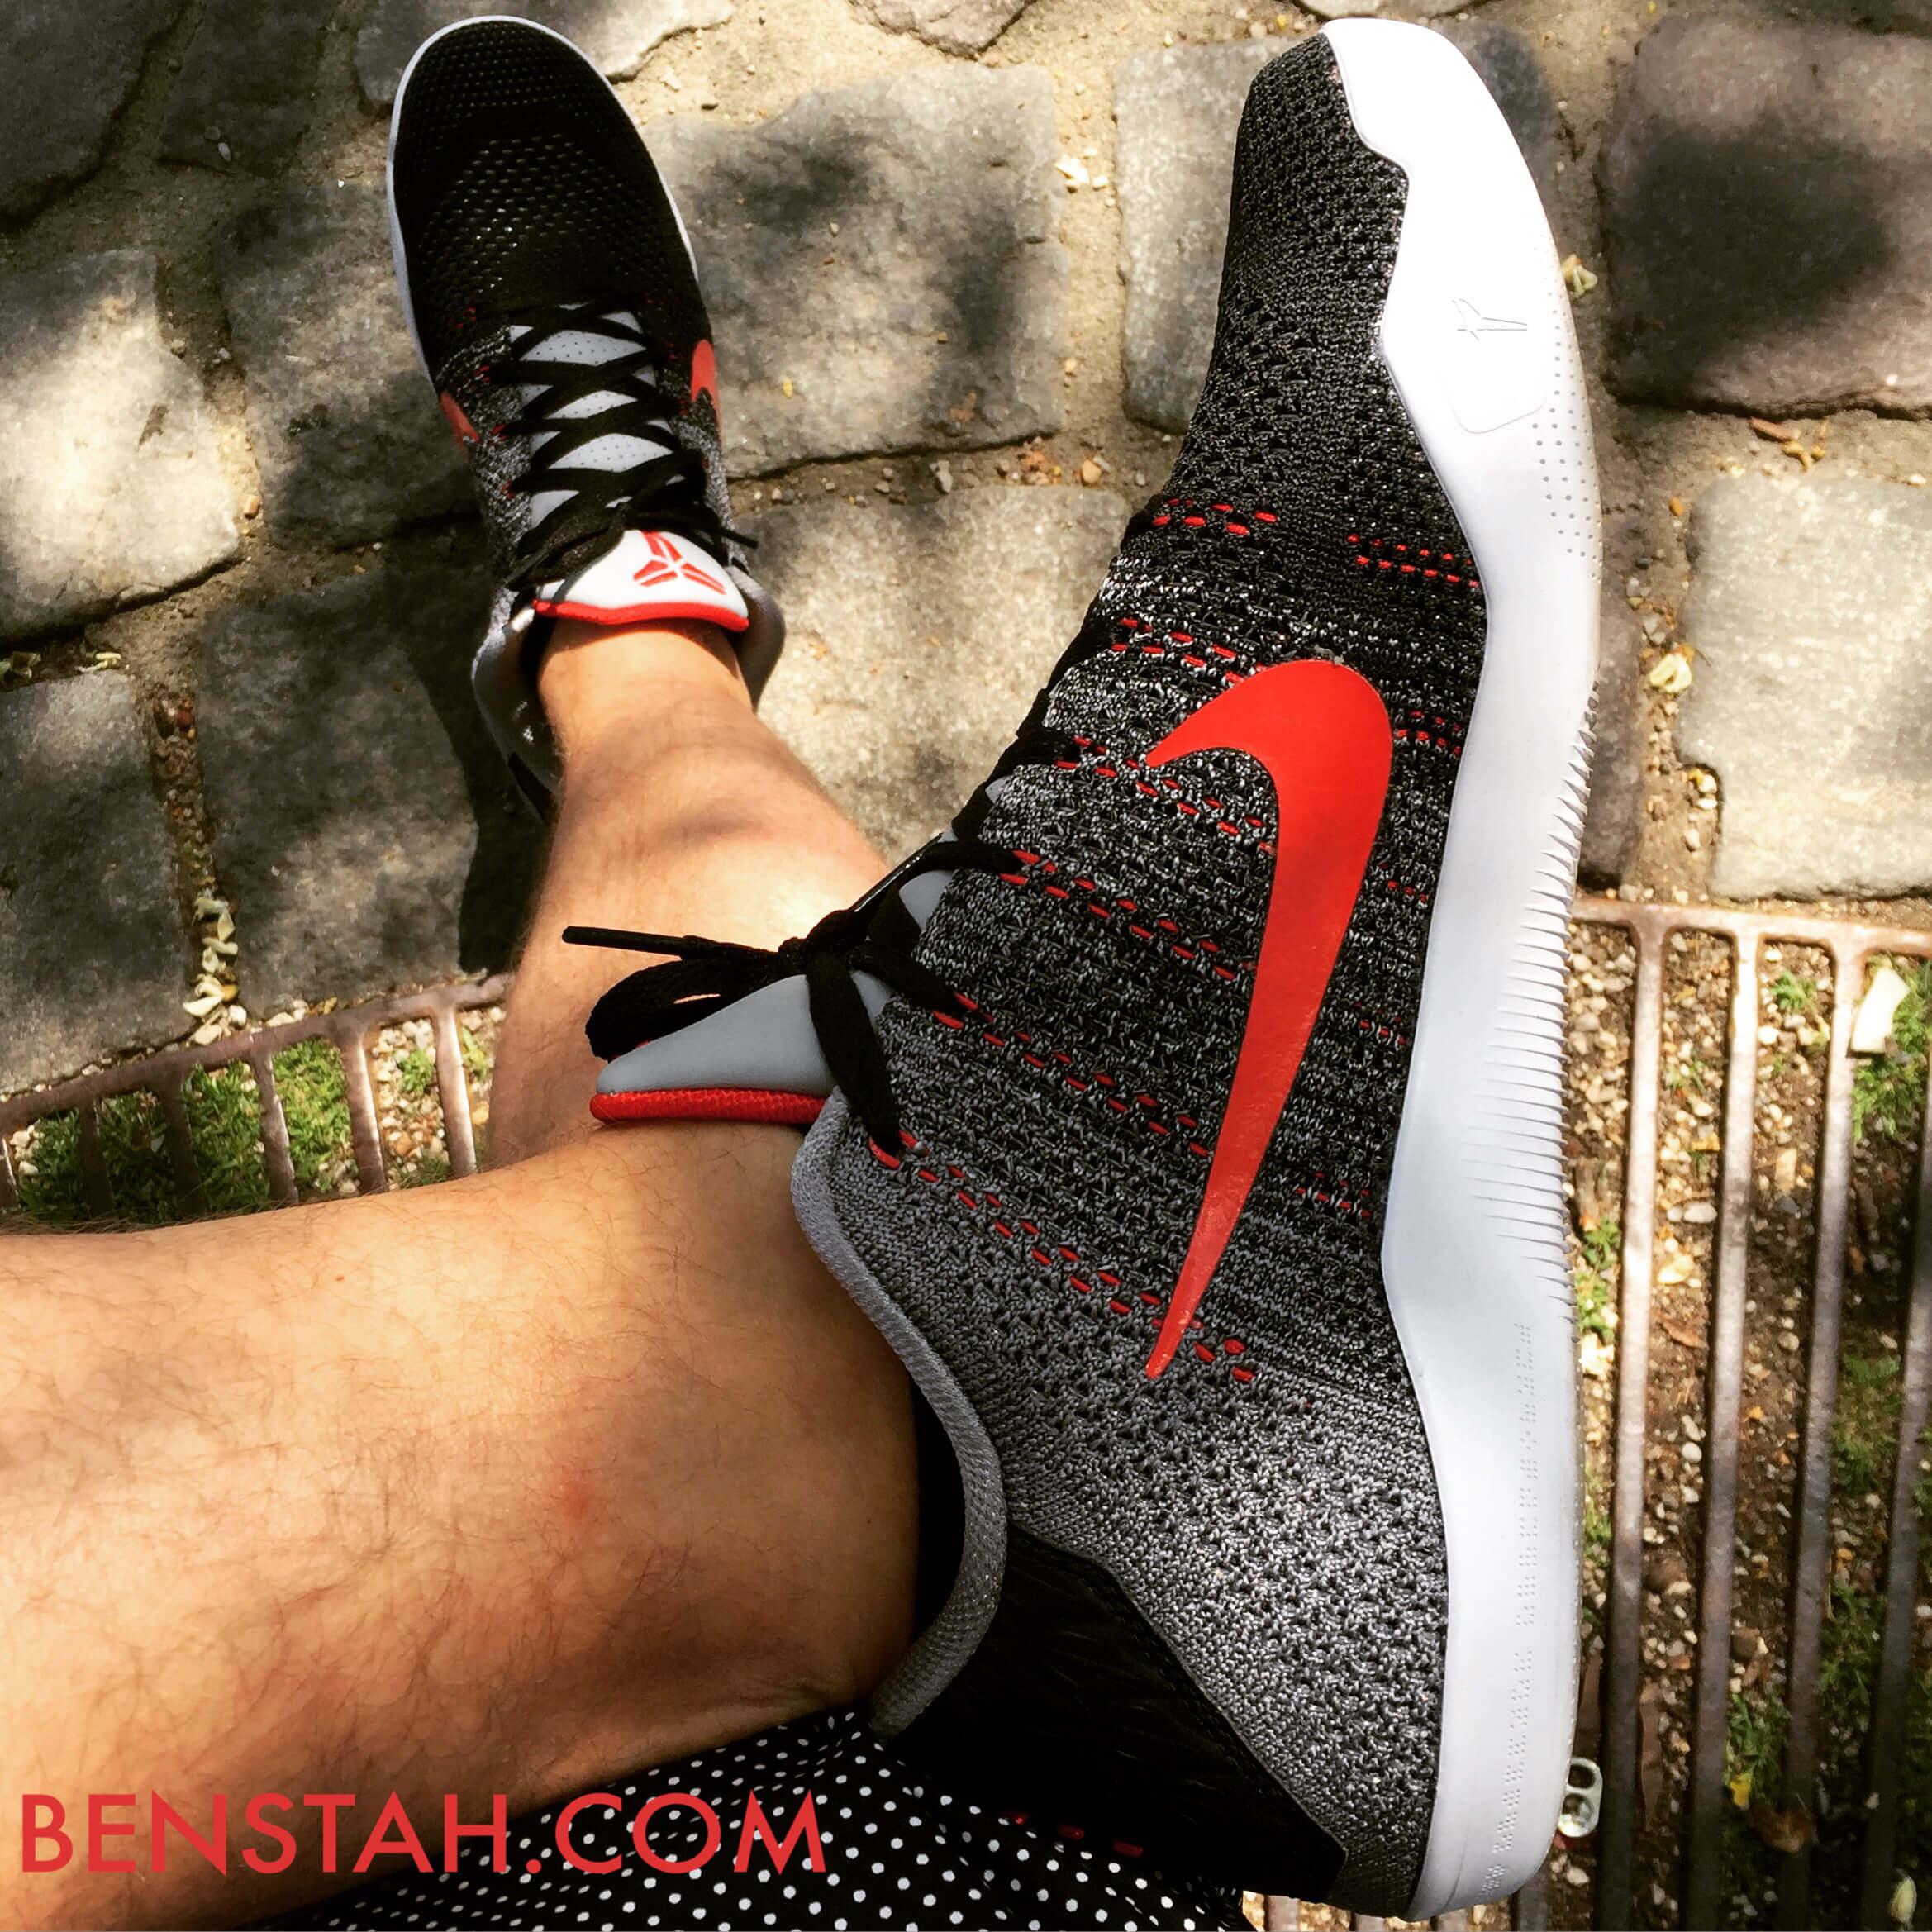 Nike-Kobe-11-Elite-Low-Tinker-Hatfield-Top-View-Benstah-Onfeet